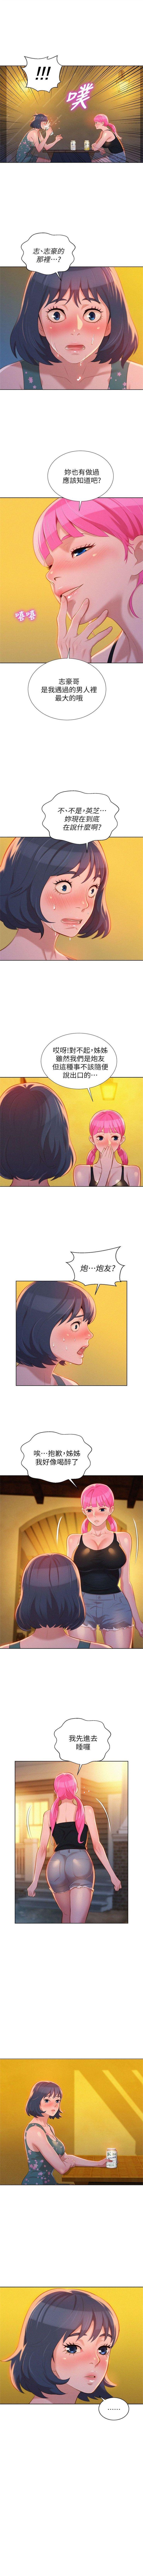 (周7)漂亮干姐姐  1-81 中文翻译 (更新中) 74